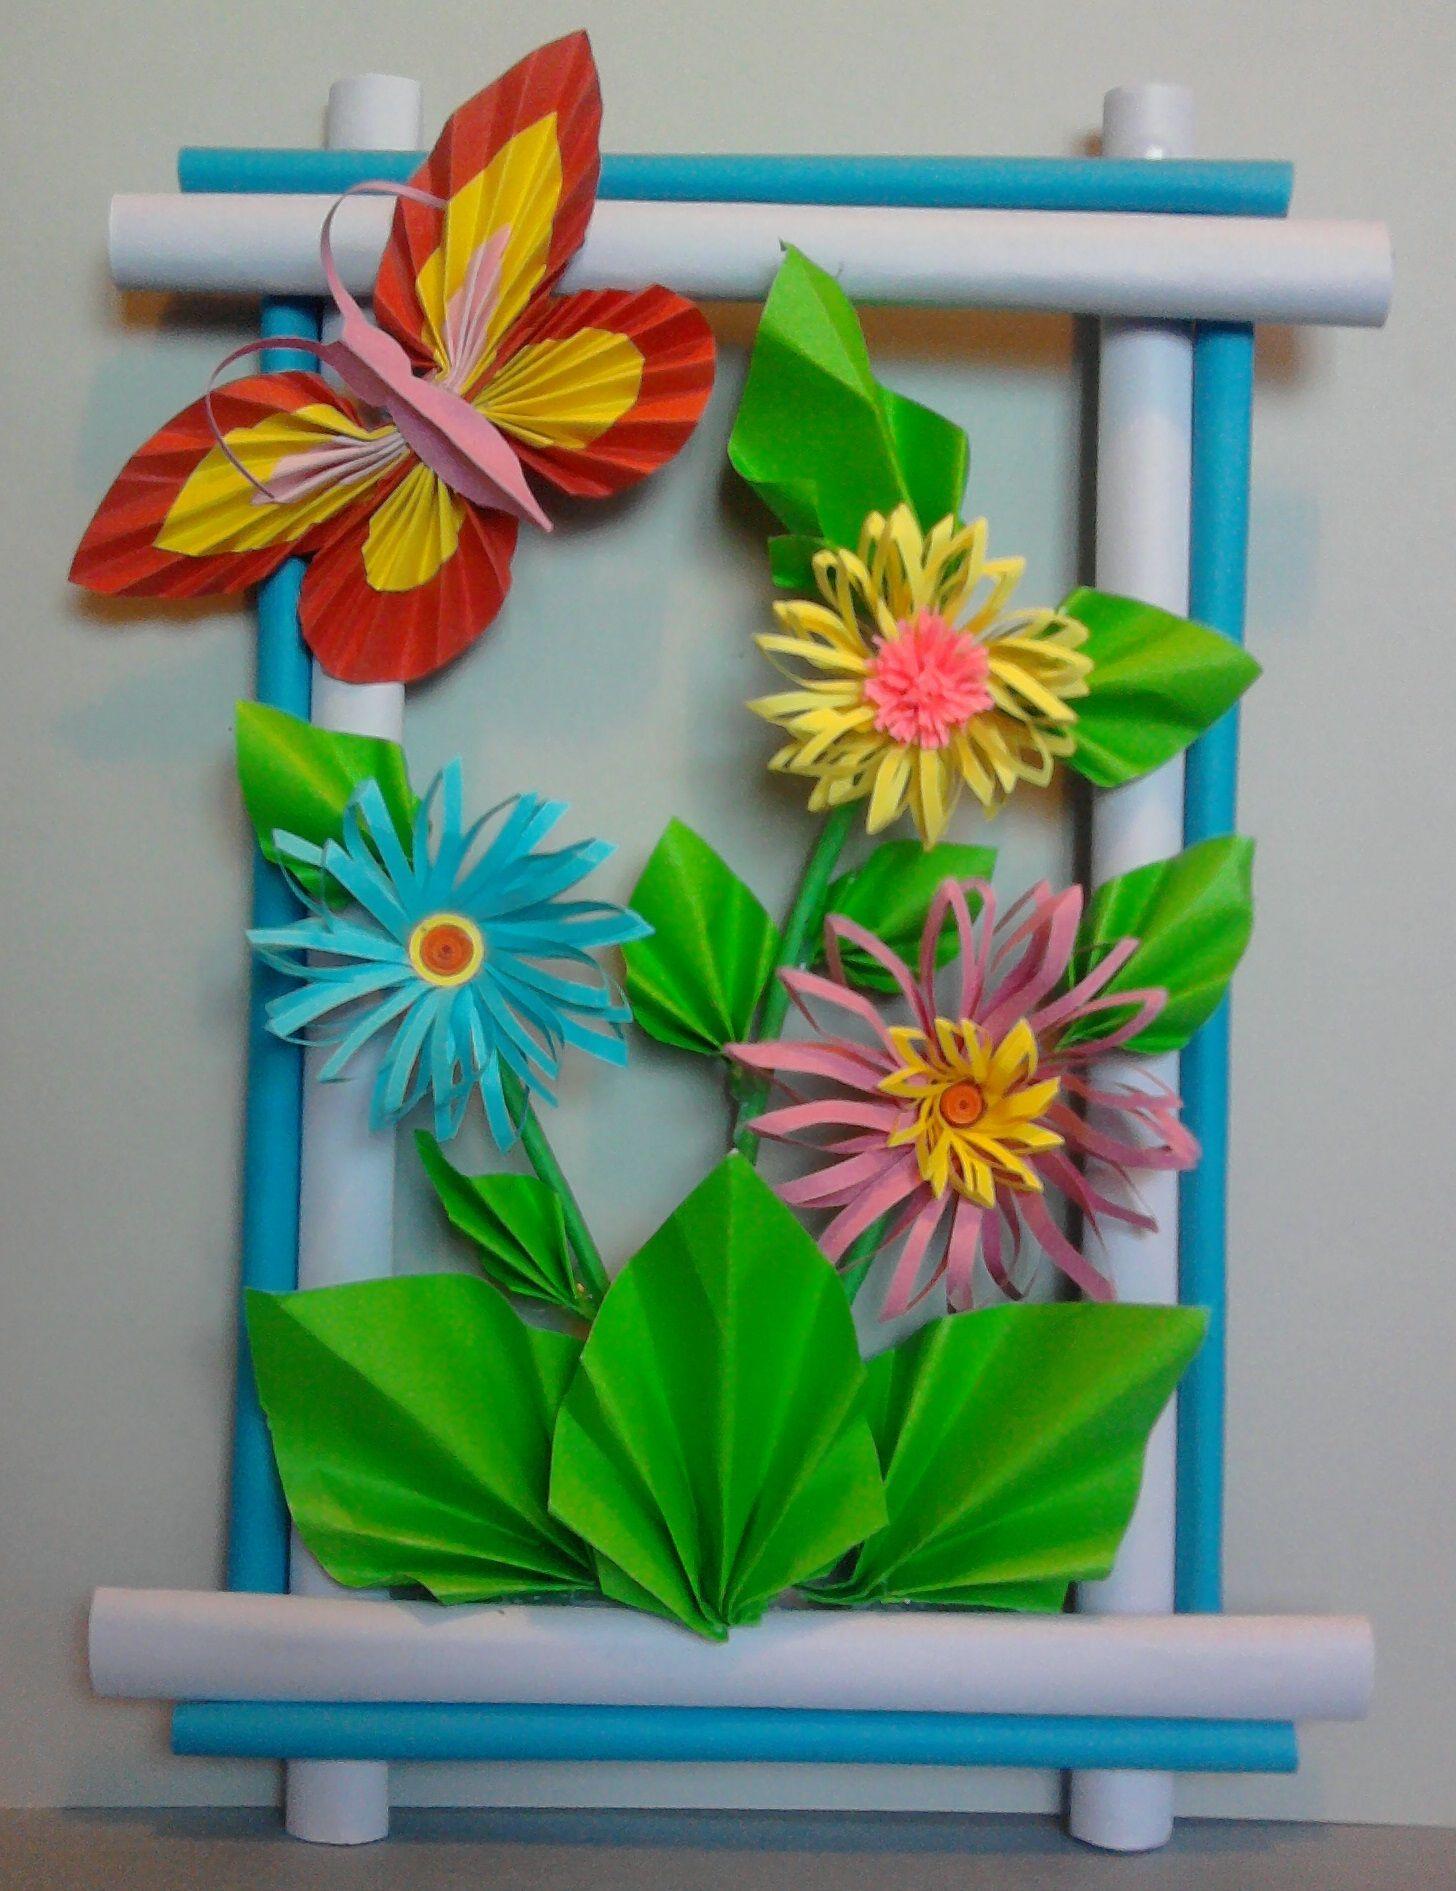 Kwiaty Z Papieru Ikebana Prace Plastyczne Dariusz Zolynski Flowers Paper Paper Flowers Orgi Flower Crafts Spring Crafts For Kids Diy Paper Flower Wall